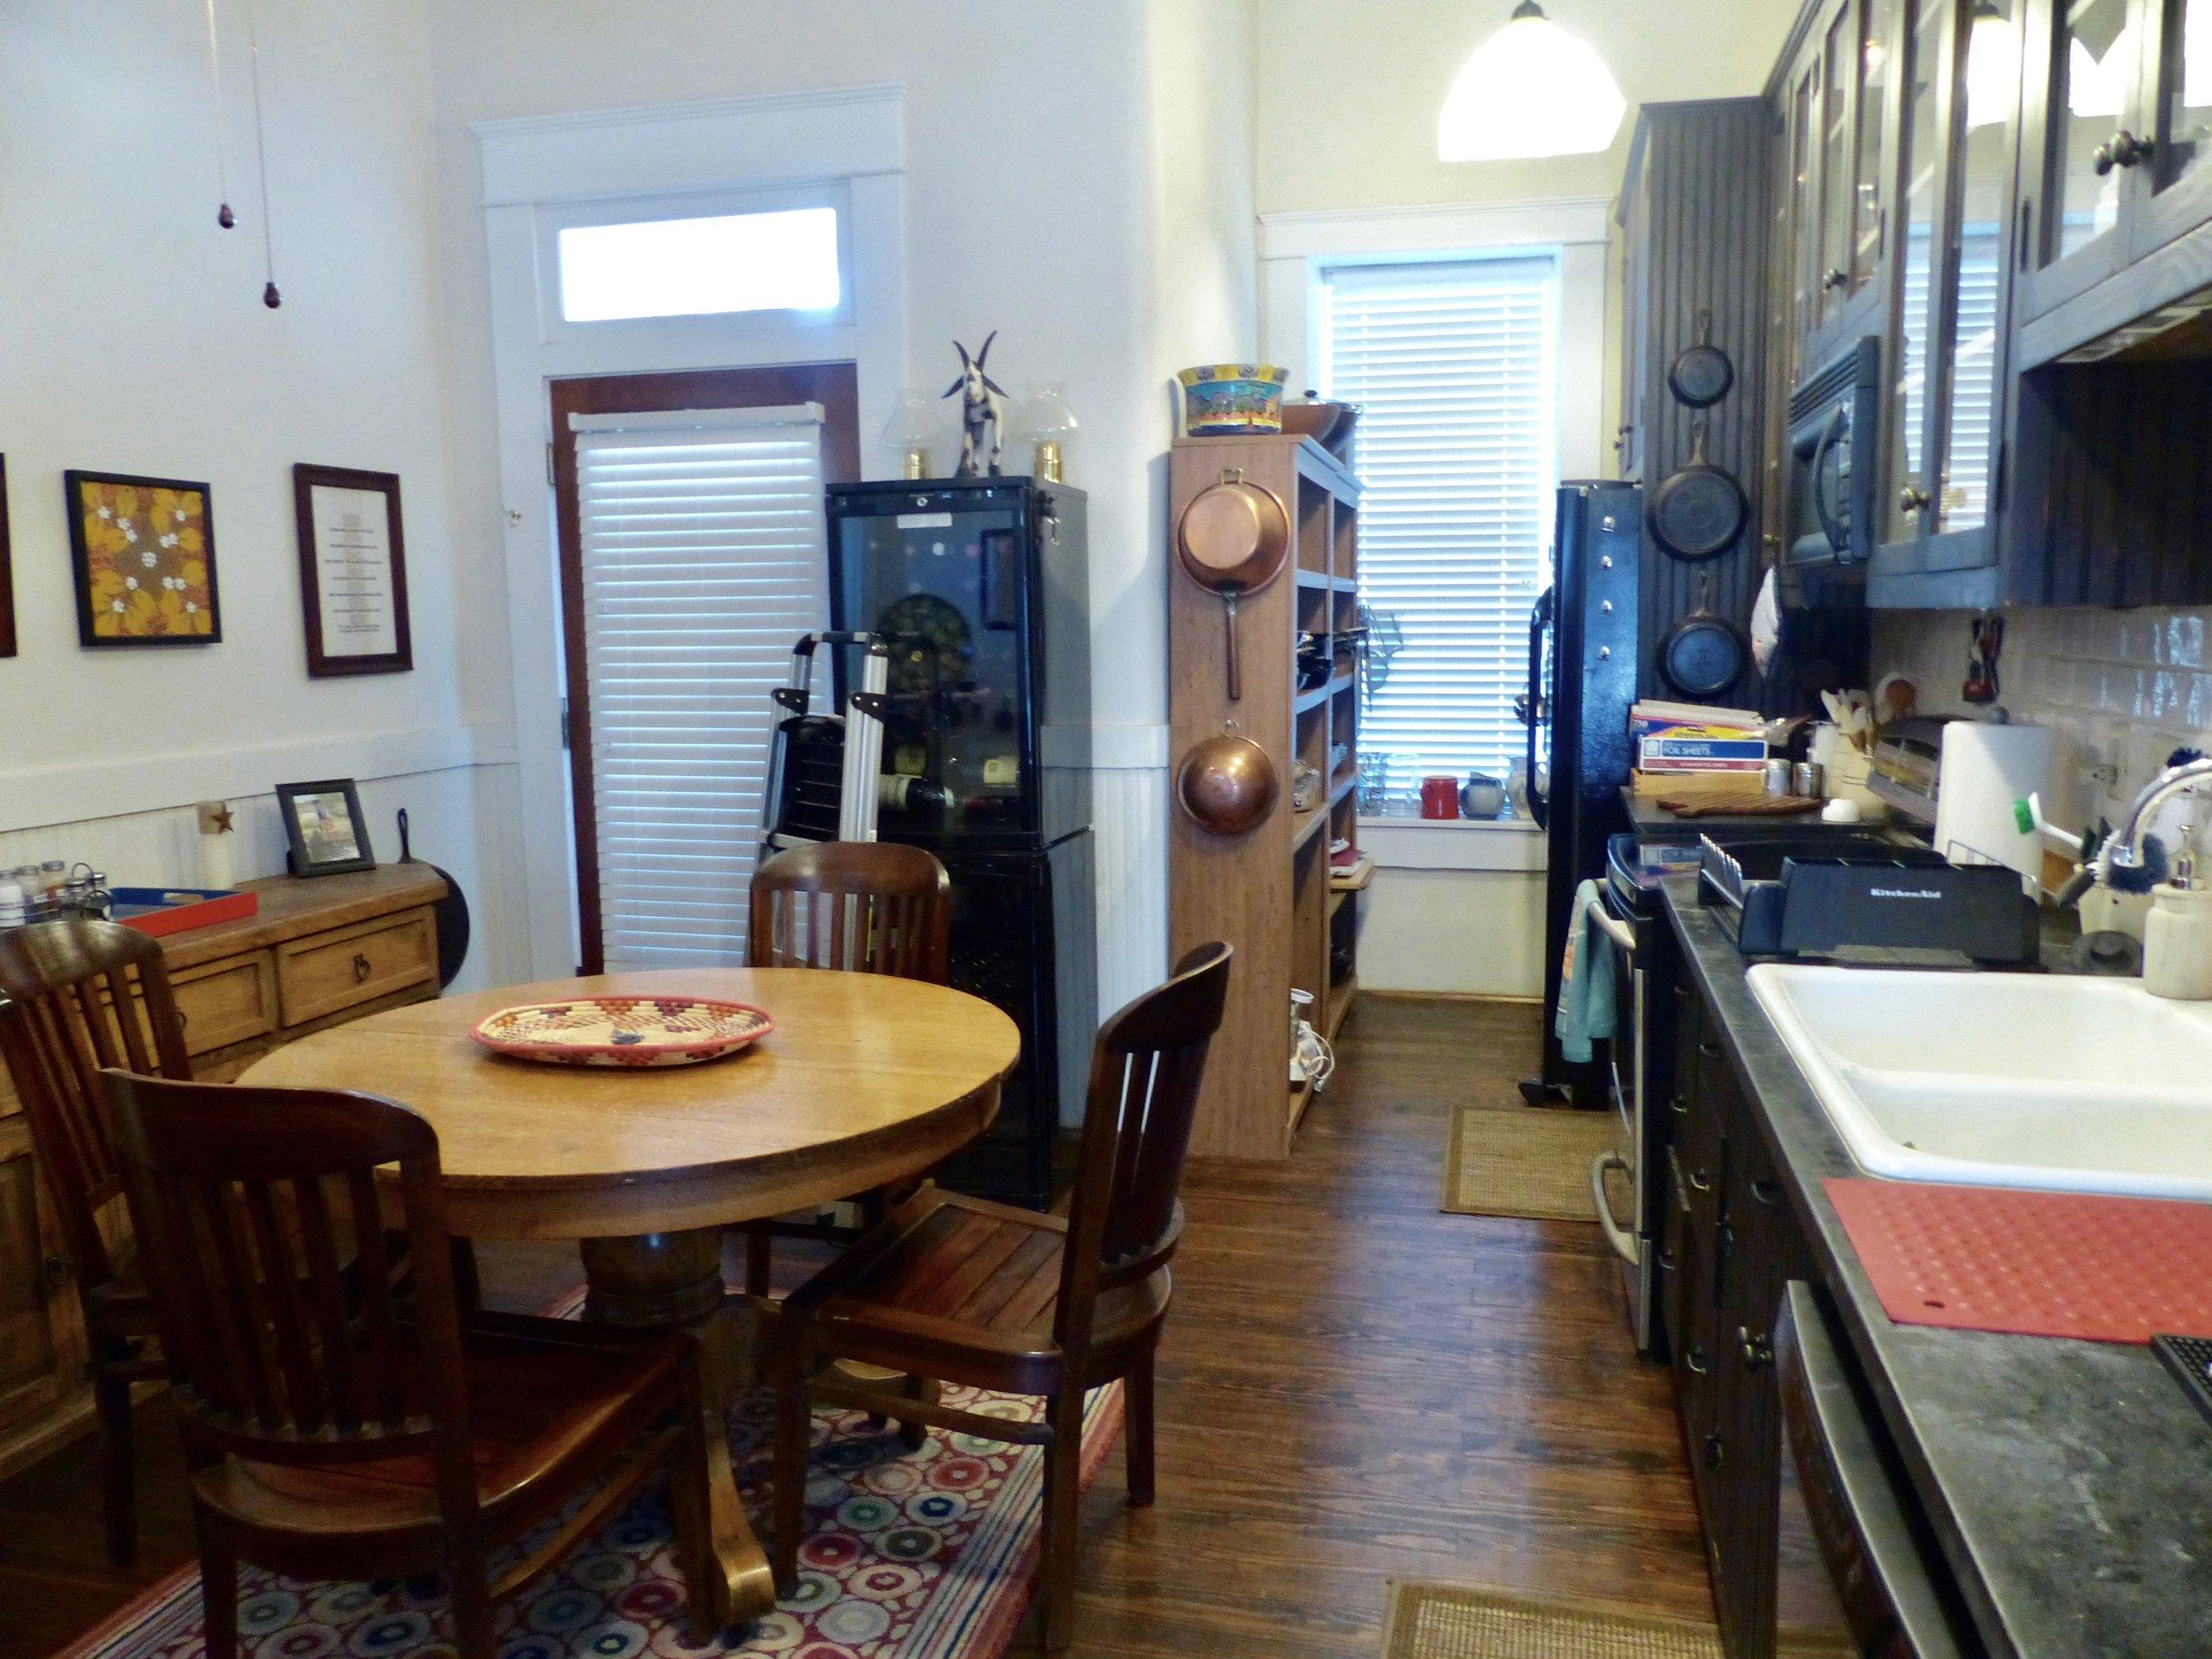 kitchentabledoor.jpg